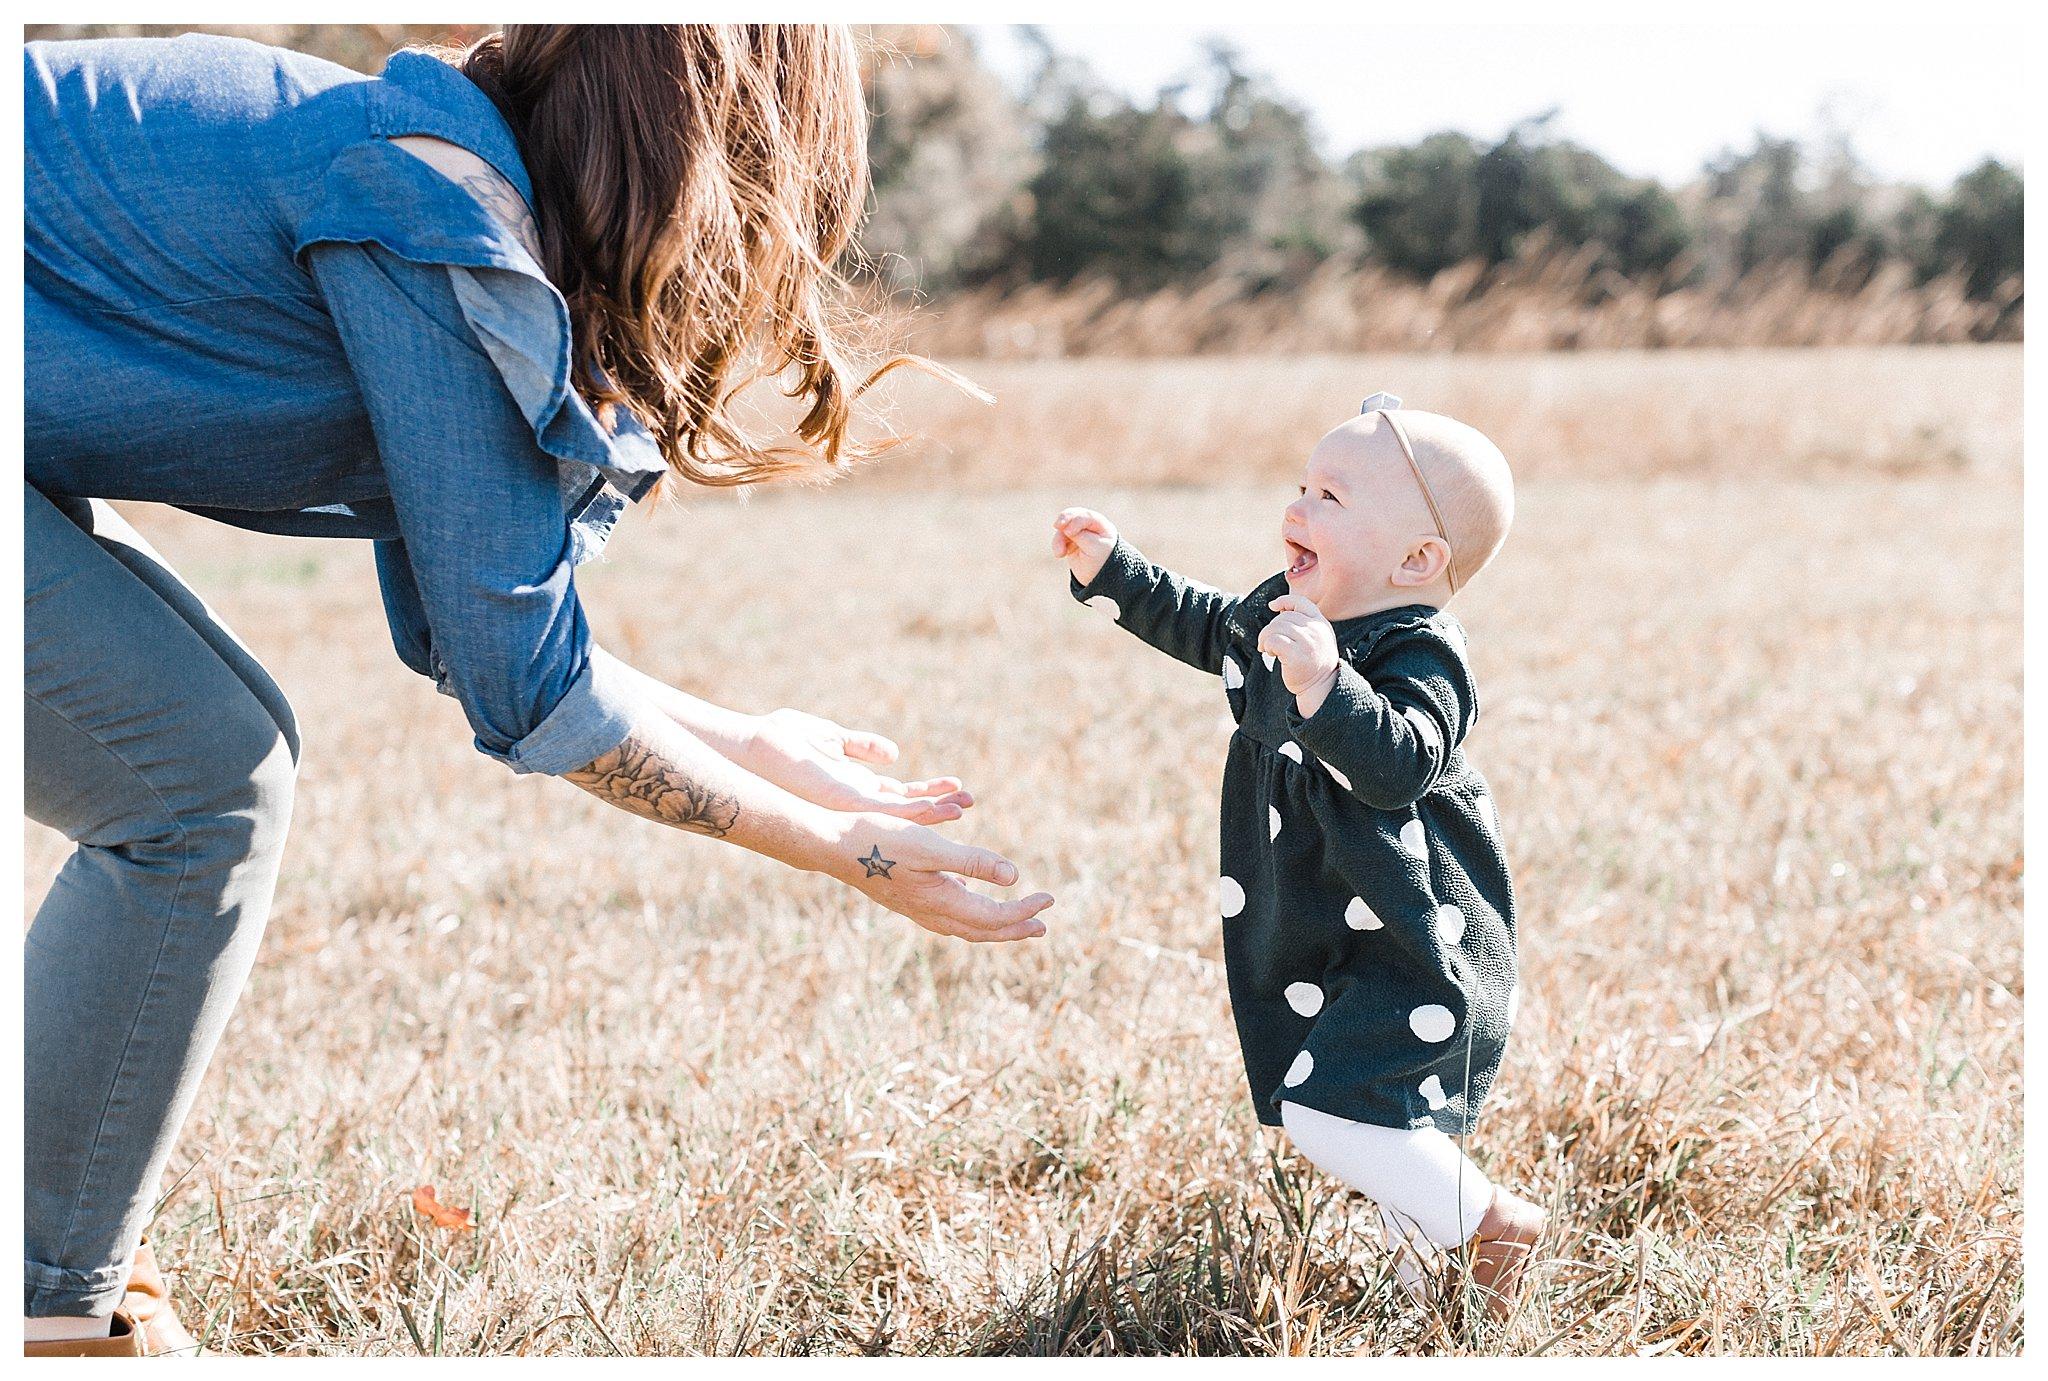 Manassas Battlefield Fall Family Photography | Manassas, Virginia | Andrea Rodway Photography